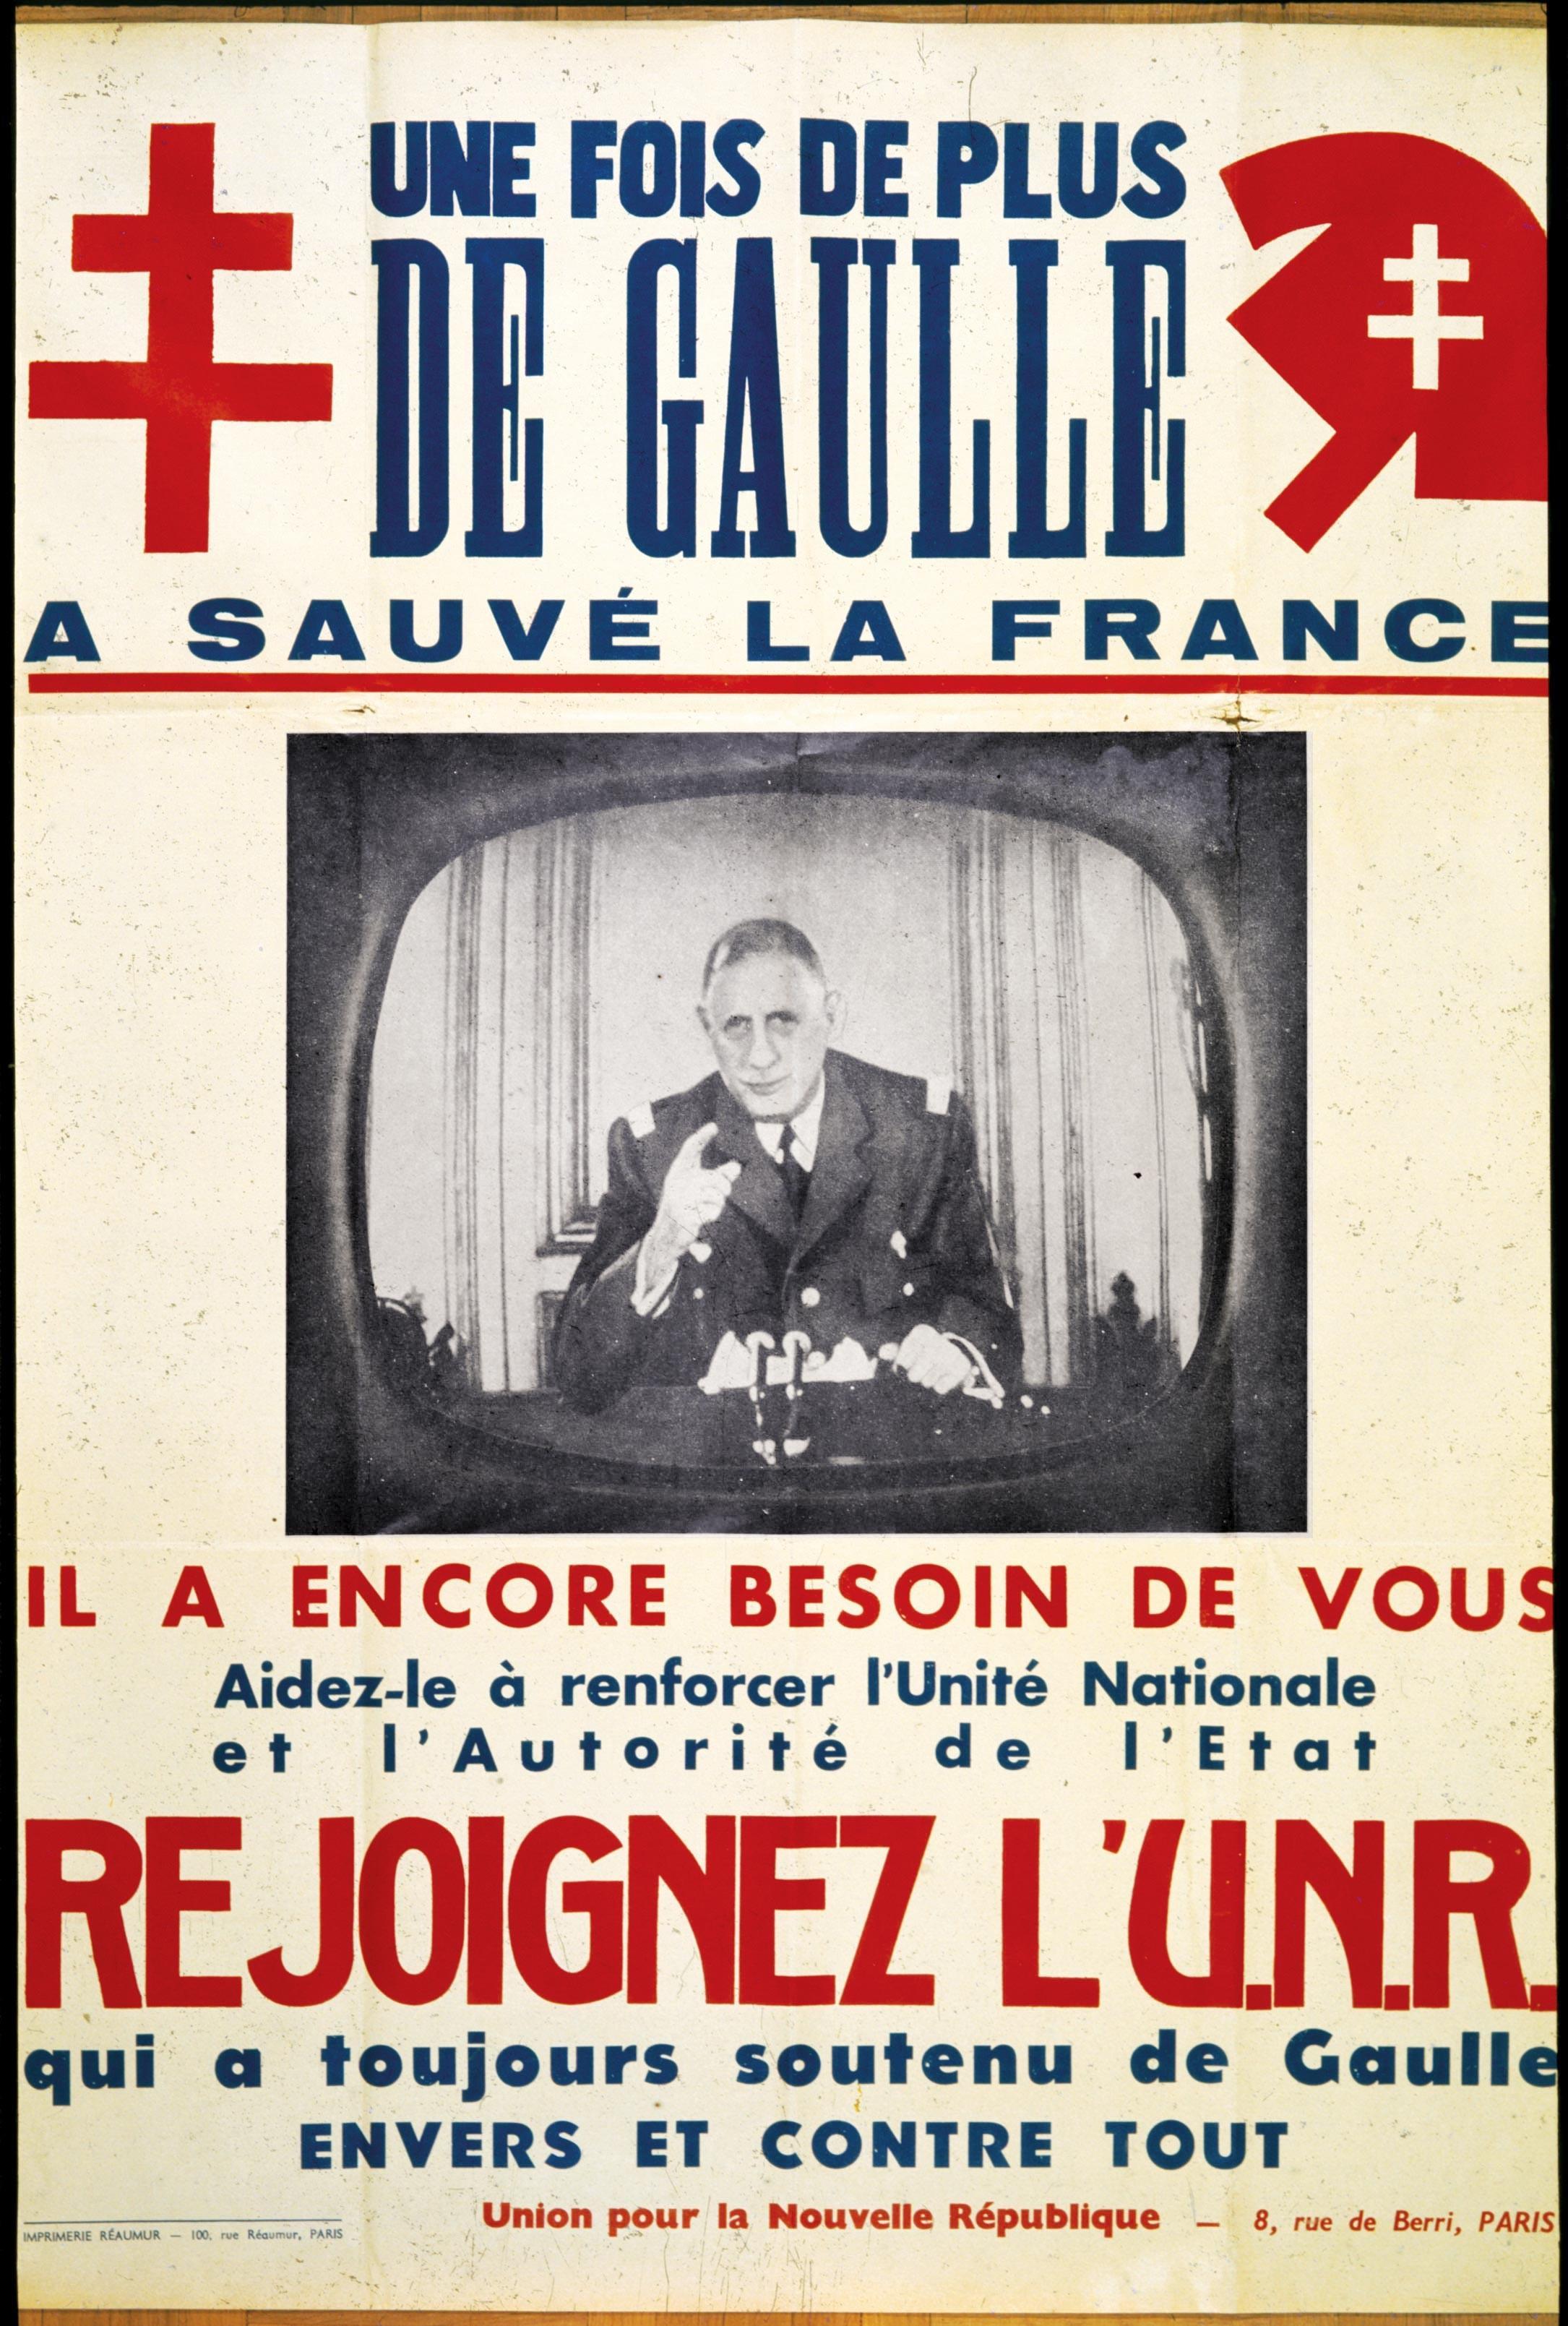 <stamp theme='his-green2'>Doc. 3</stamp> Affiche de l'UNR, parti politique de De Gaulle